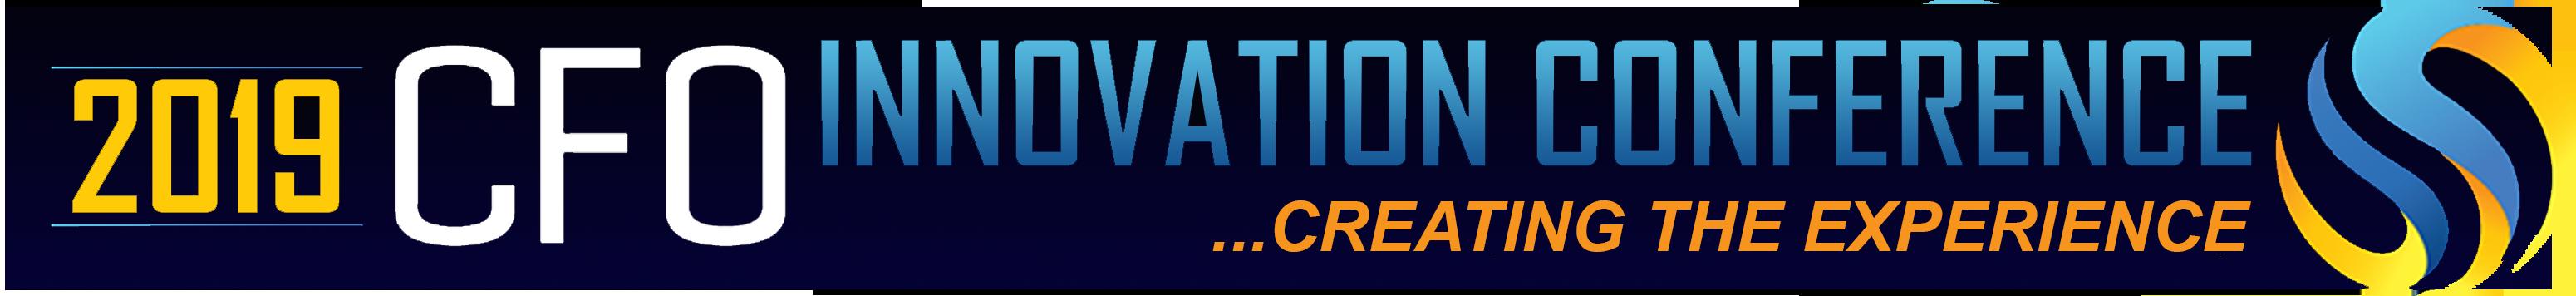 CFO Innovation Conference